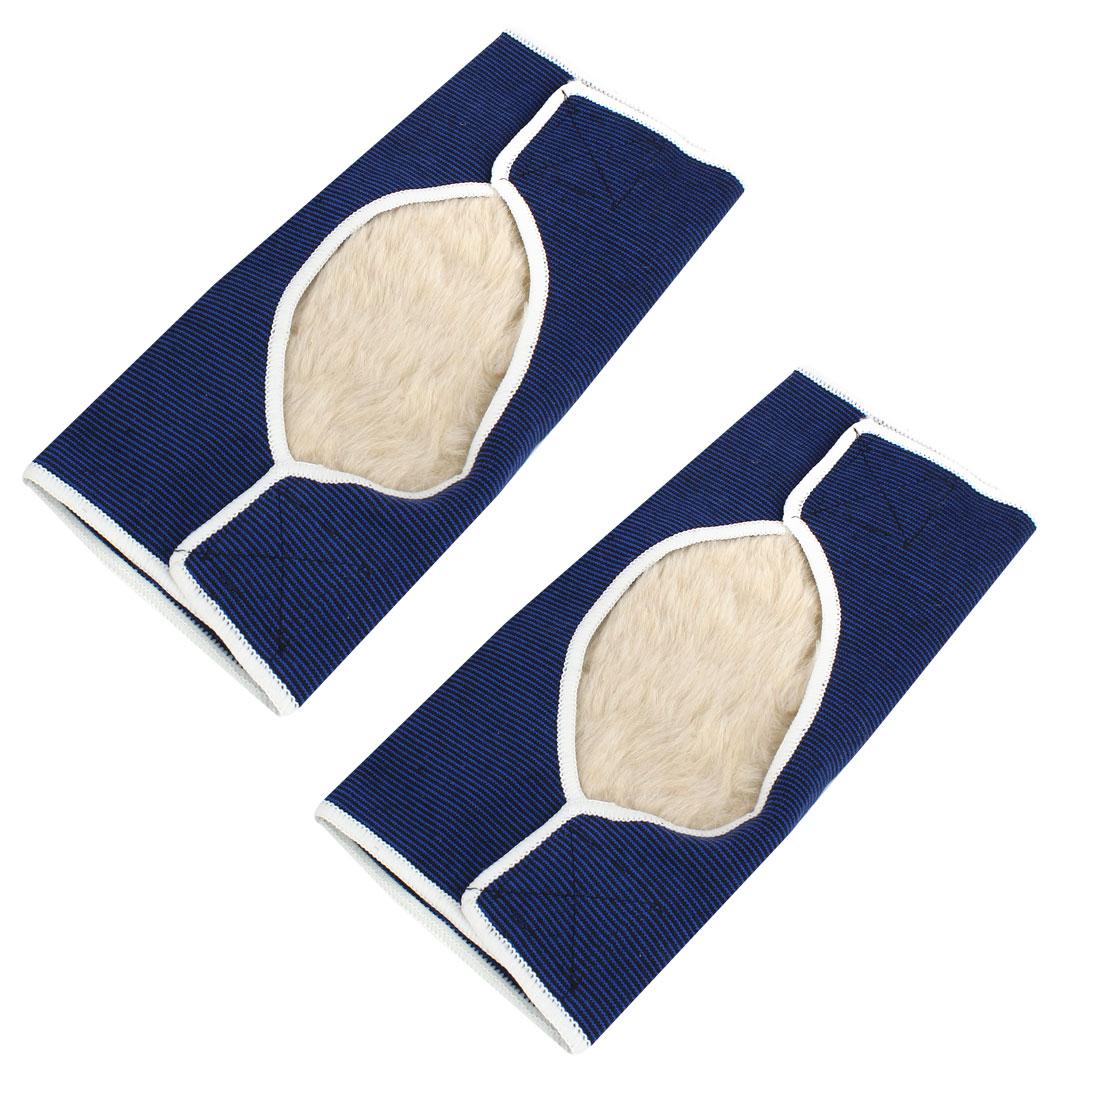 Sports Fleece Padded Elastic Hook Loop Knee Support Brace Blue Black Pair